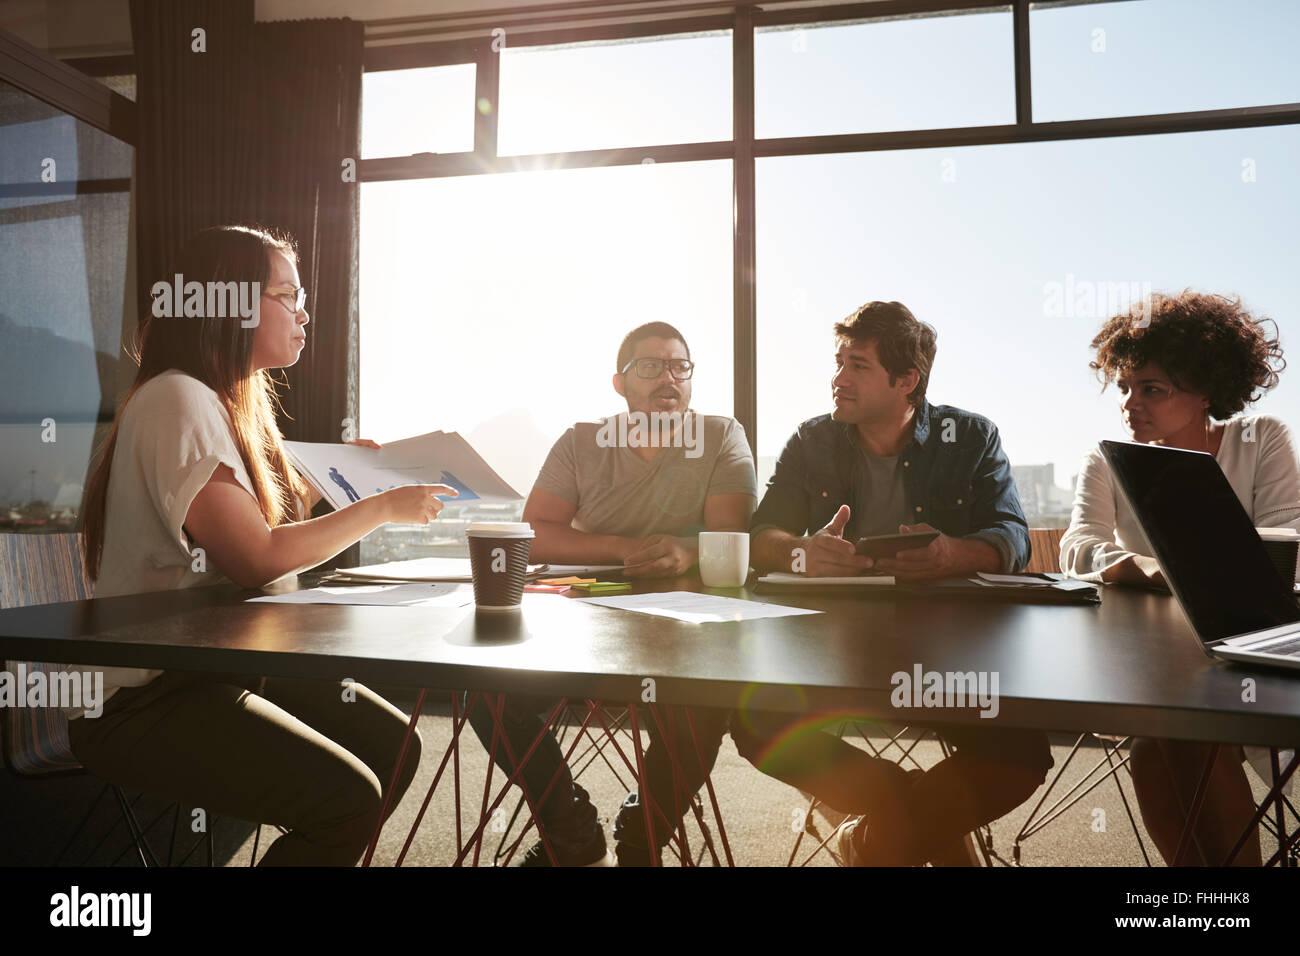 Joven mujer de negocios consultoría planes de nuevos negocios con sus colegas. Las personas creativas discutiendo Imagen De Stock